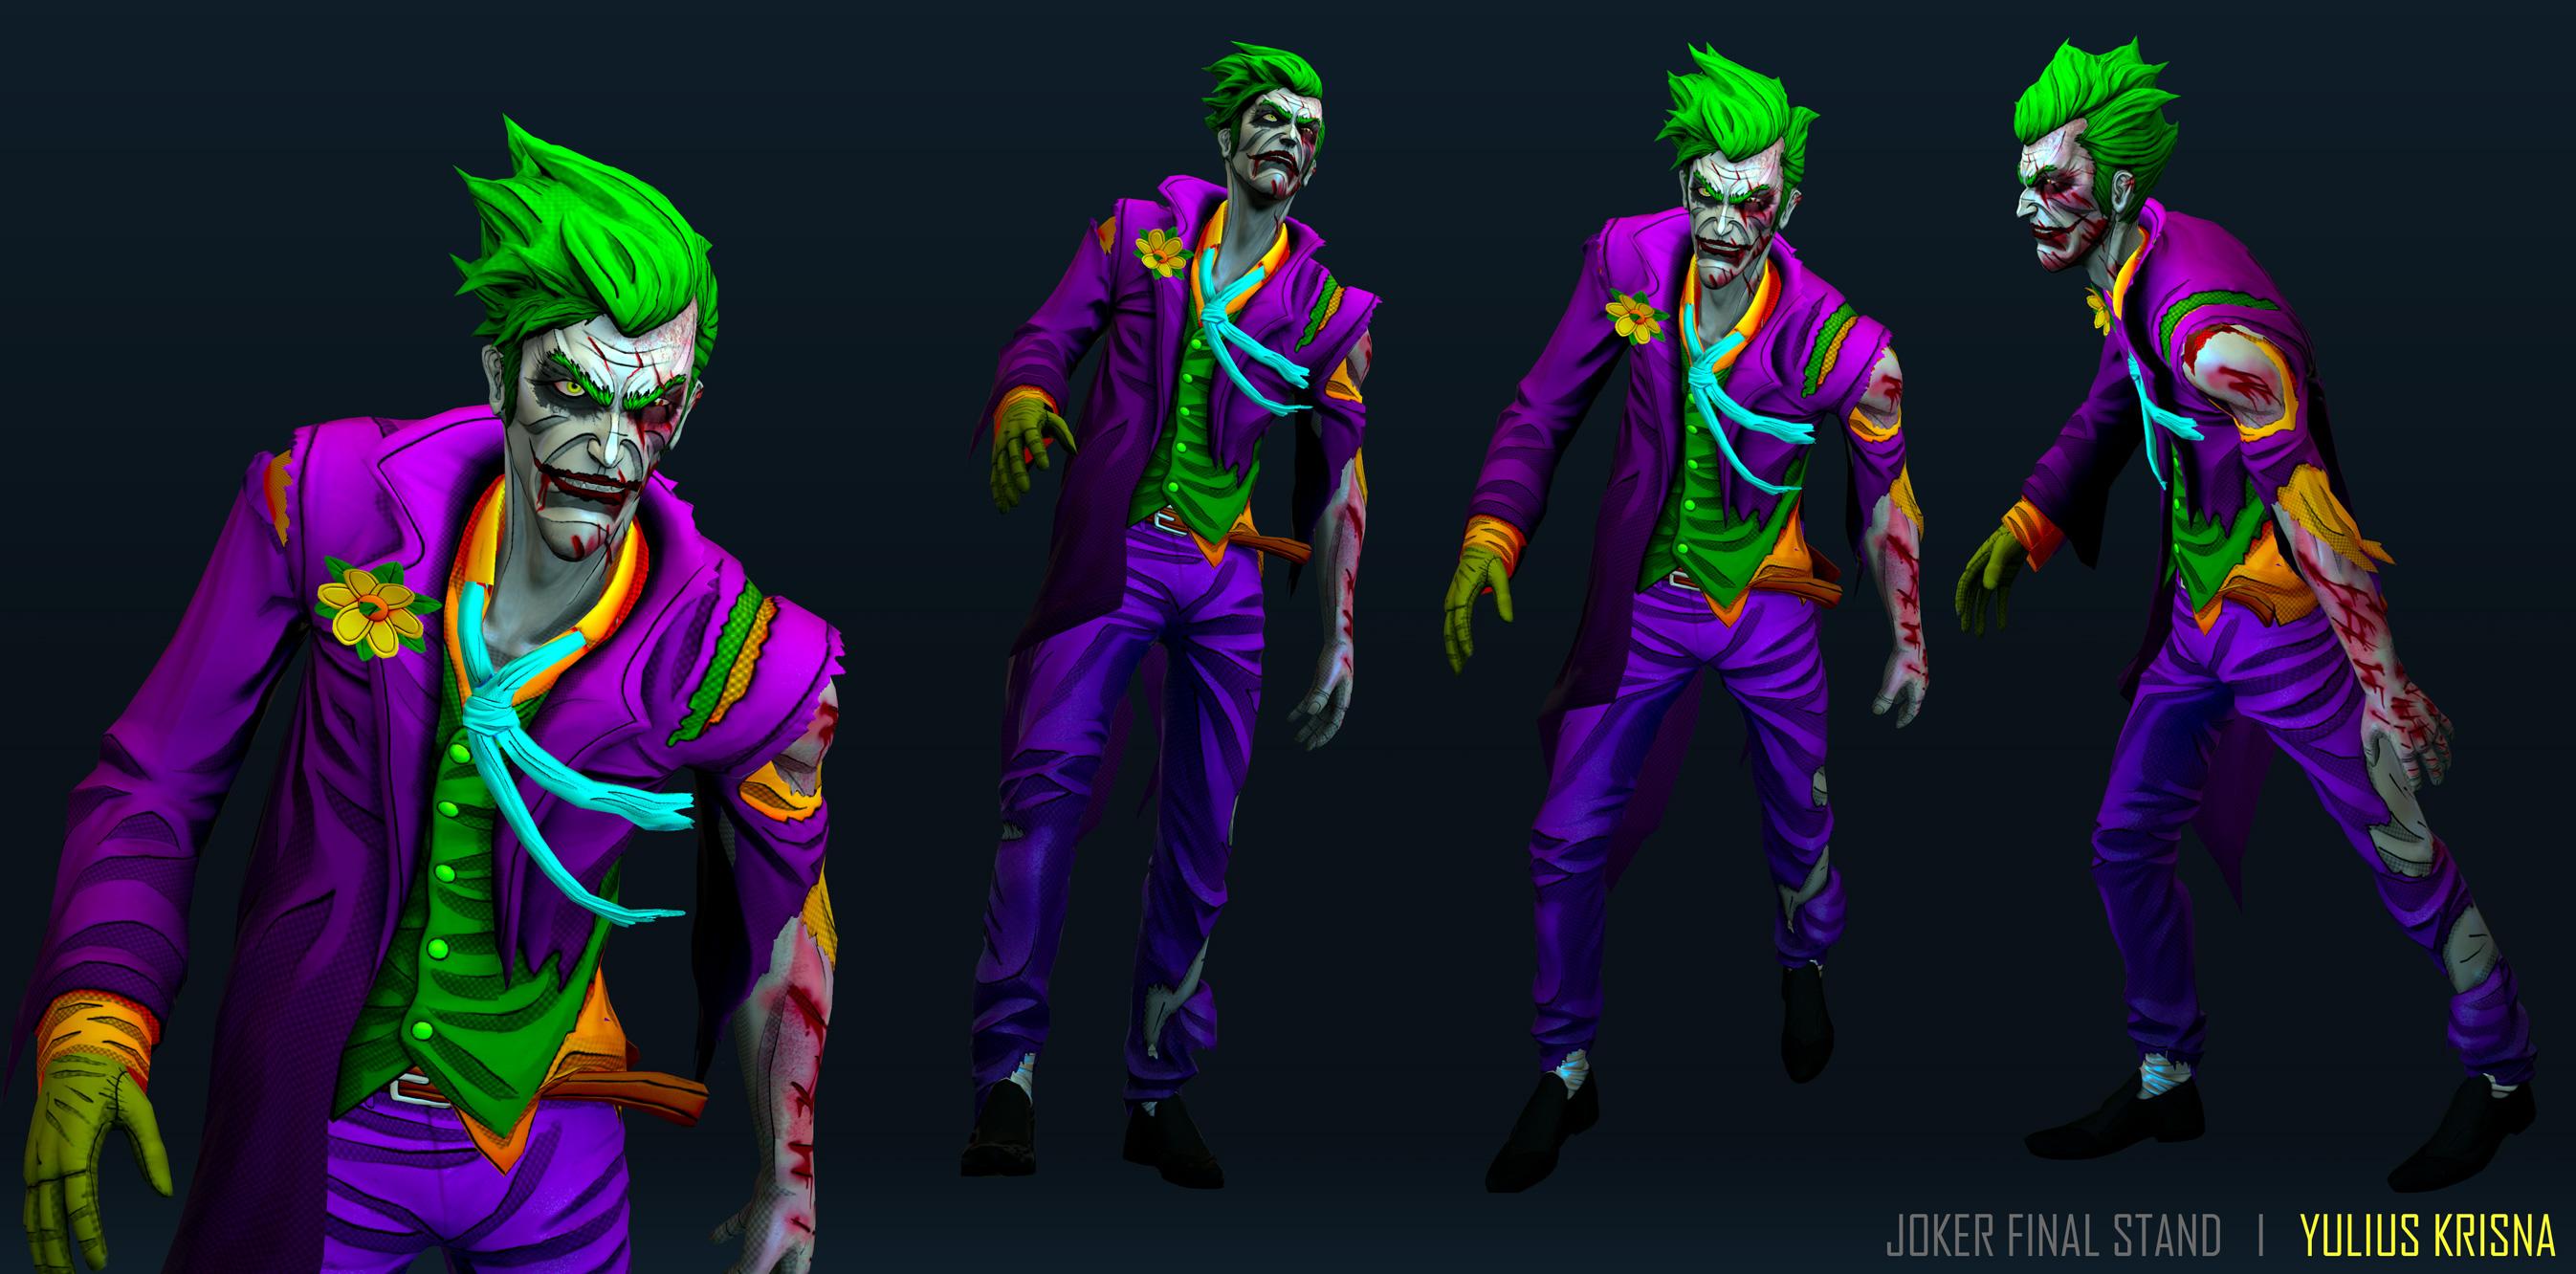 joker_final_stand_by_yuliuskrisna-d8ucbn0.jpg